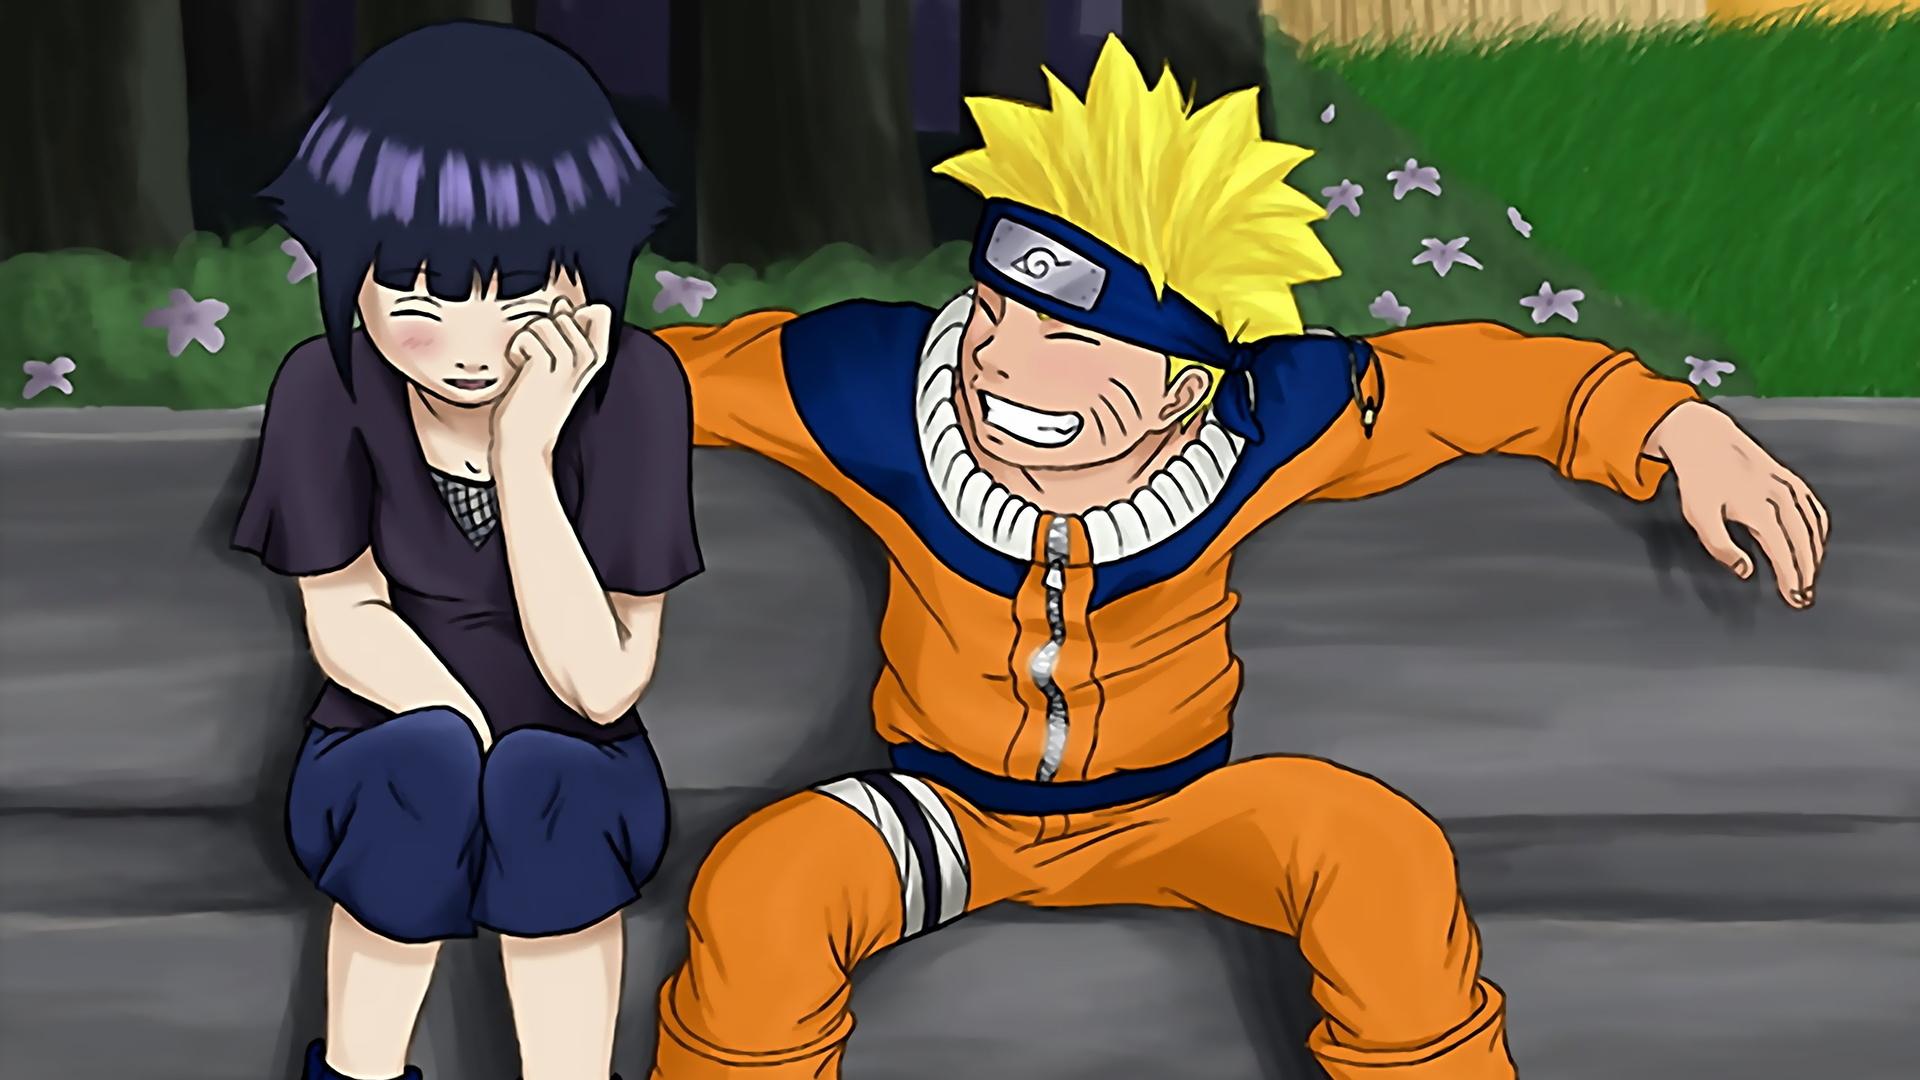 Naruto and hinata wallpaper hd 025